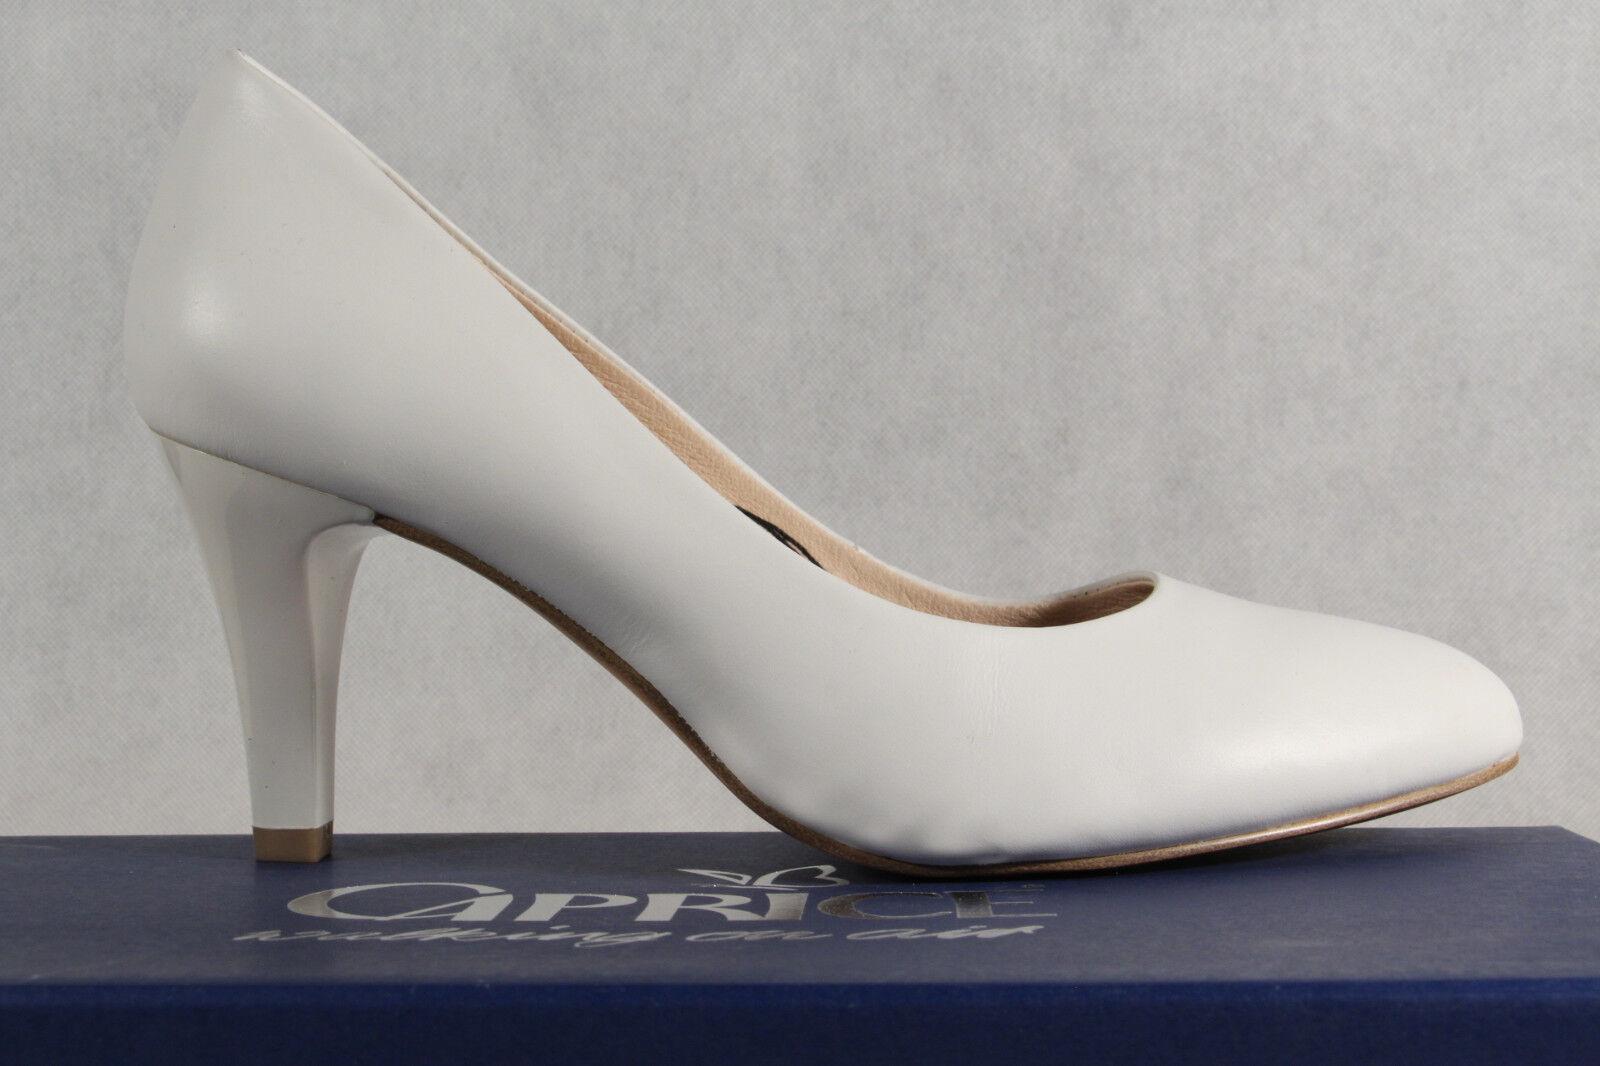 Caprice Décolleté Pantofole di ballerina ballerina ballerina bianco VERO CUOIO SOTTOPIEDE morbido ae1d03